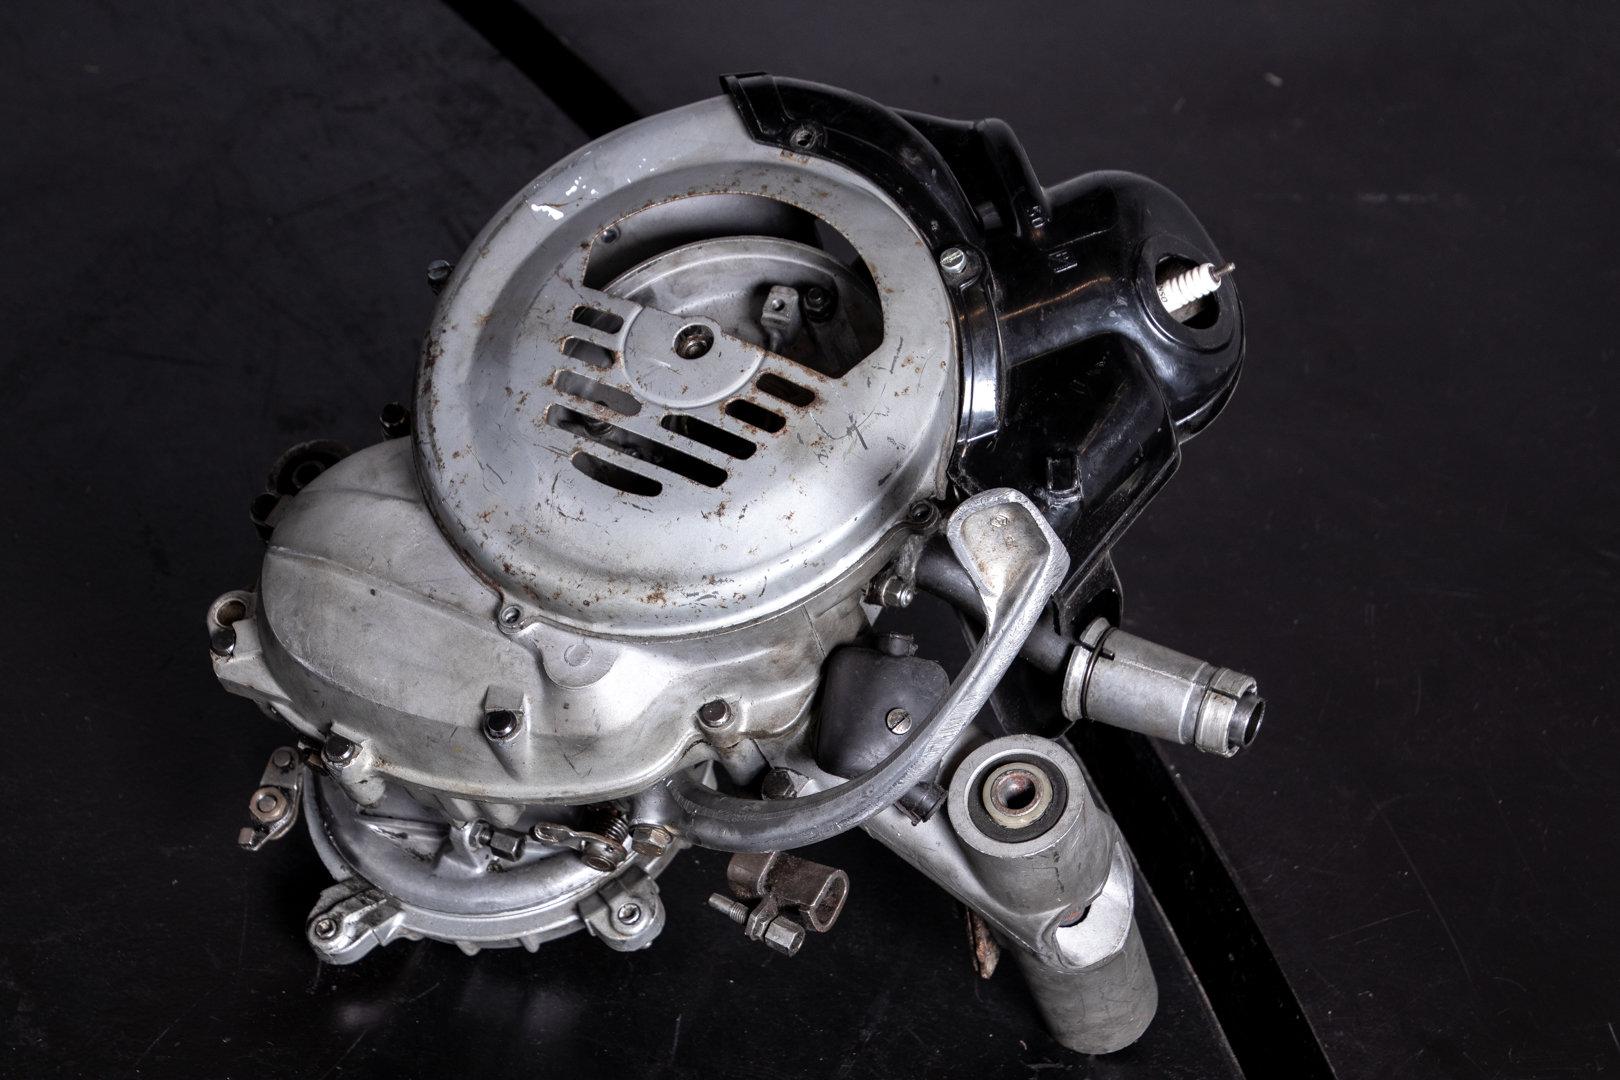 1950 Piaggio Vespa Engine For Sale (picture 1 of 7)